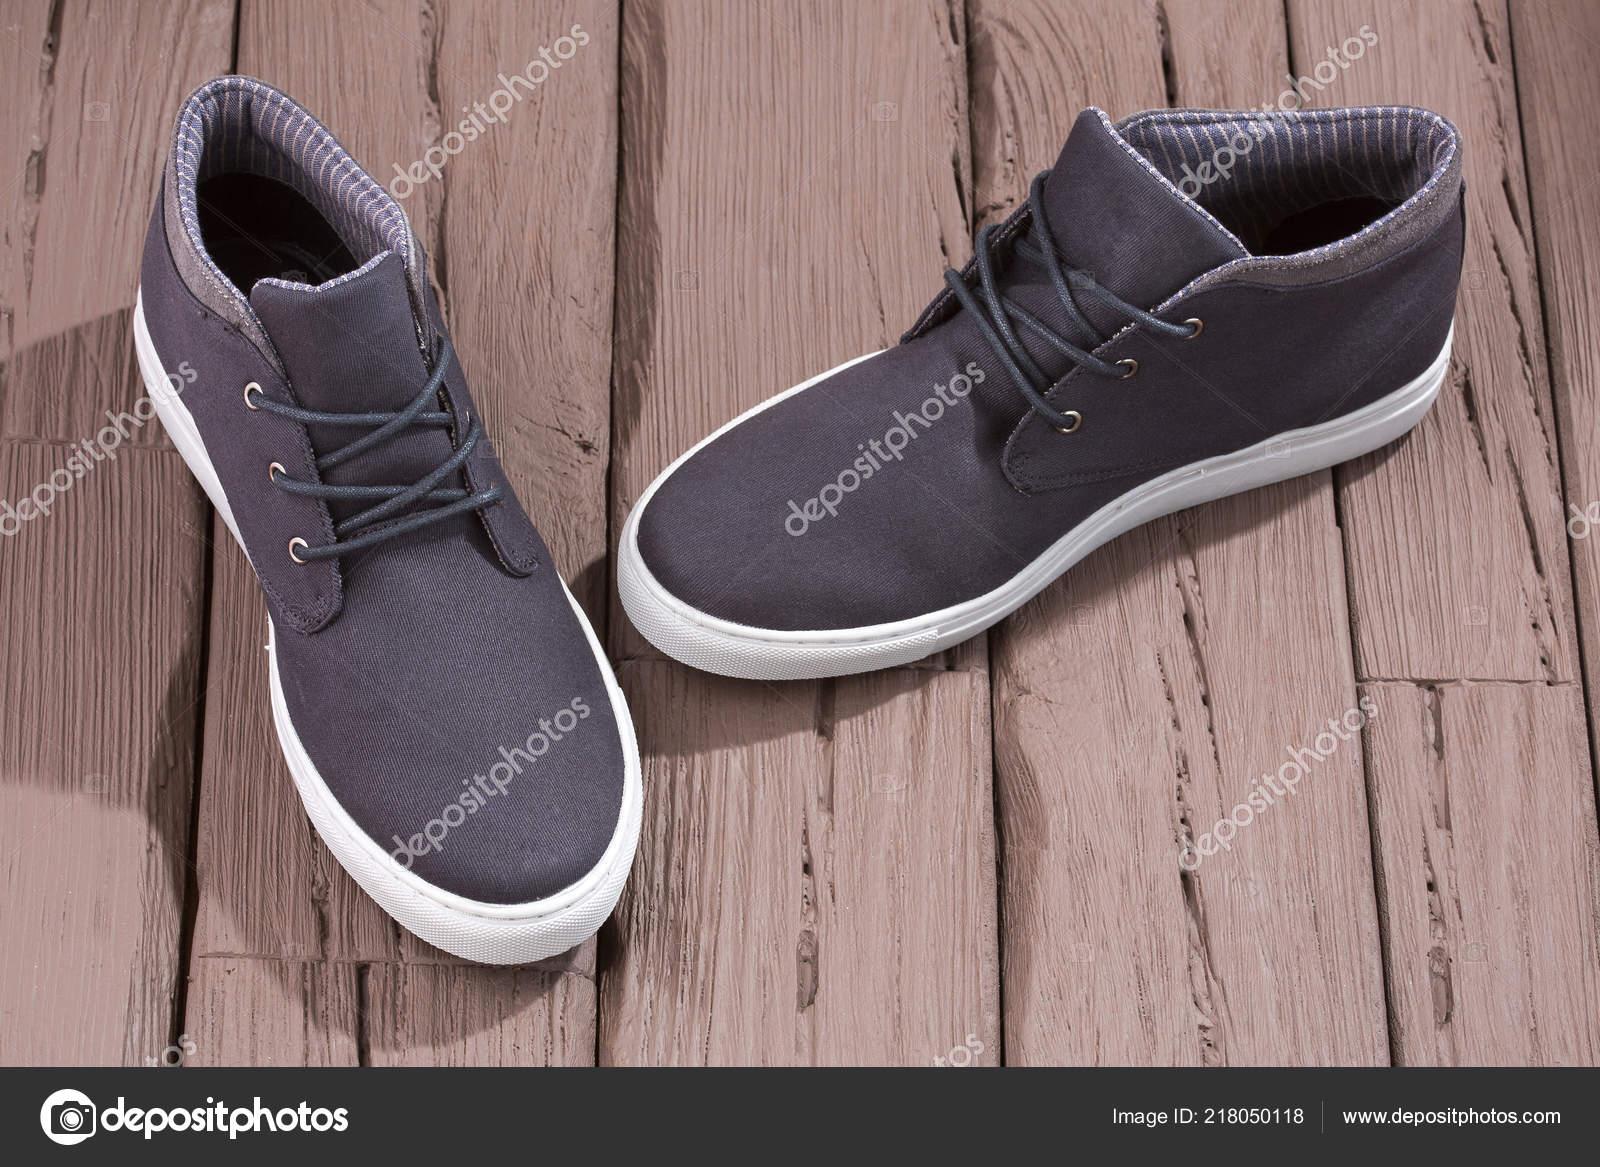 Zapato Suela Con Blanca Hombre Para Madera Fondo rdoCxBeEQW